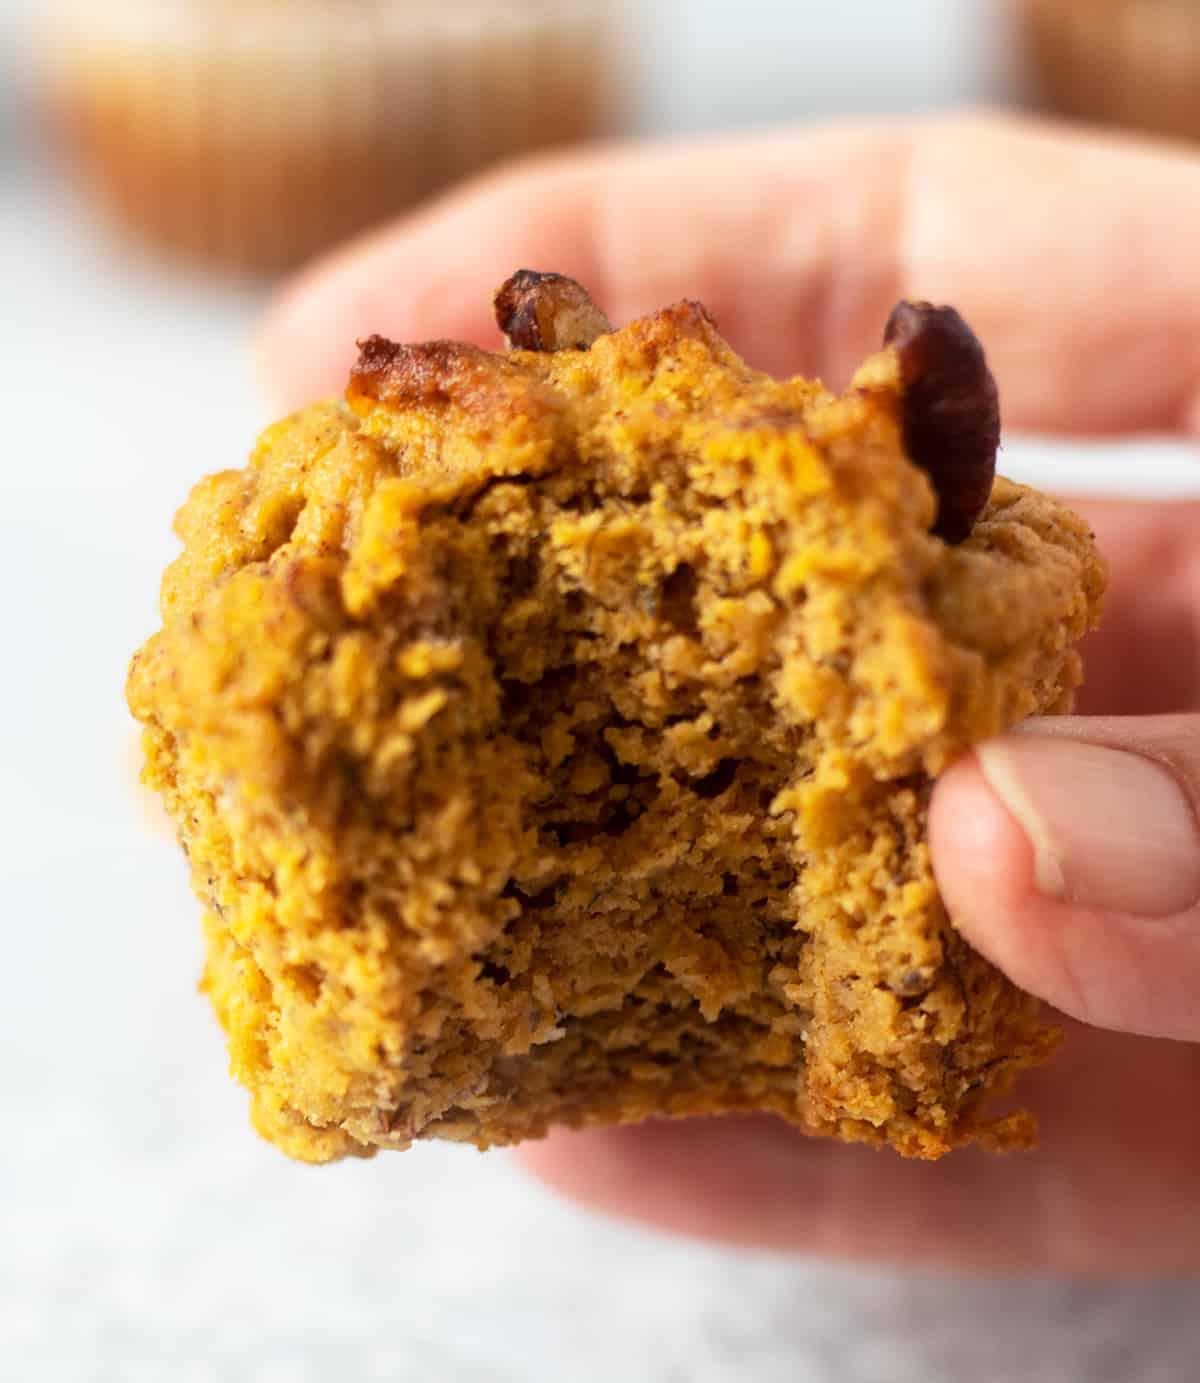 pumpkin muffin that has been biten.